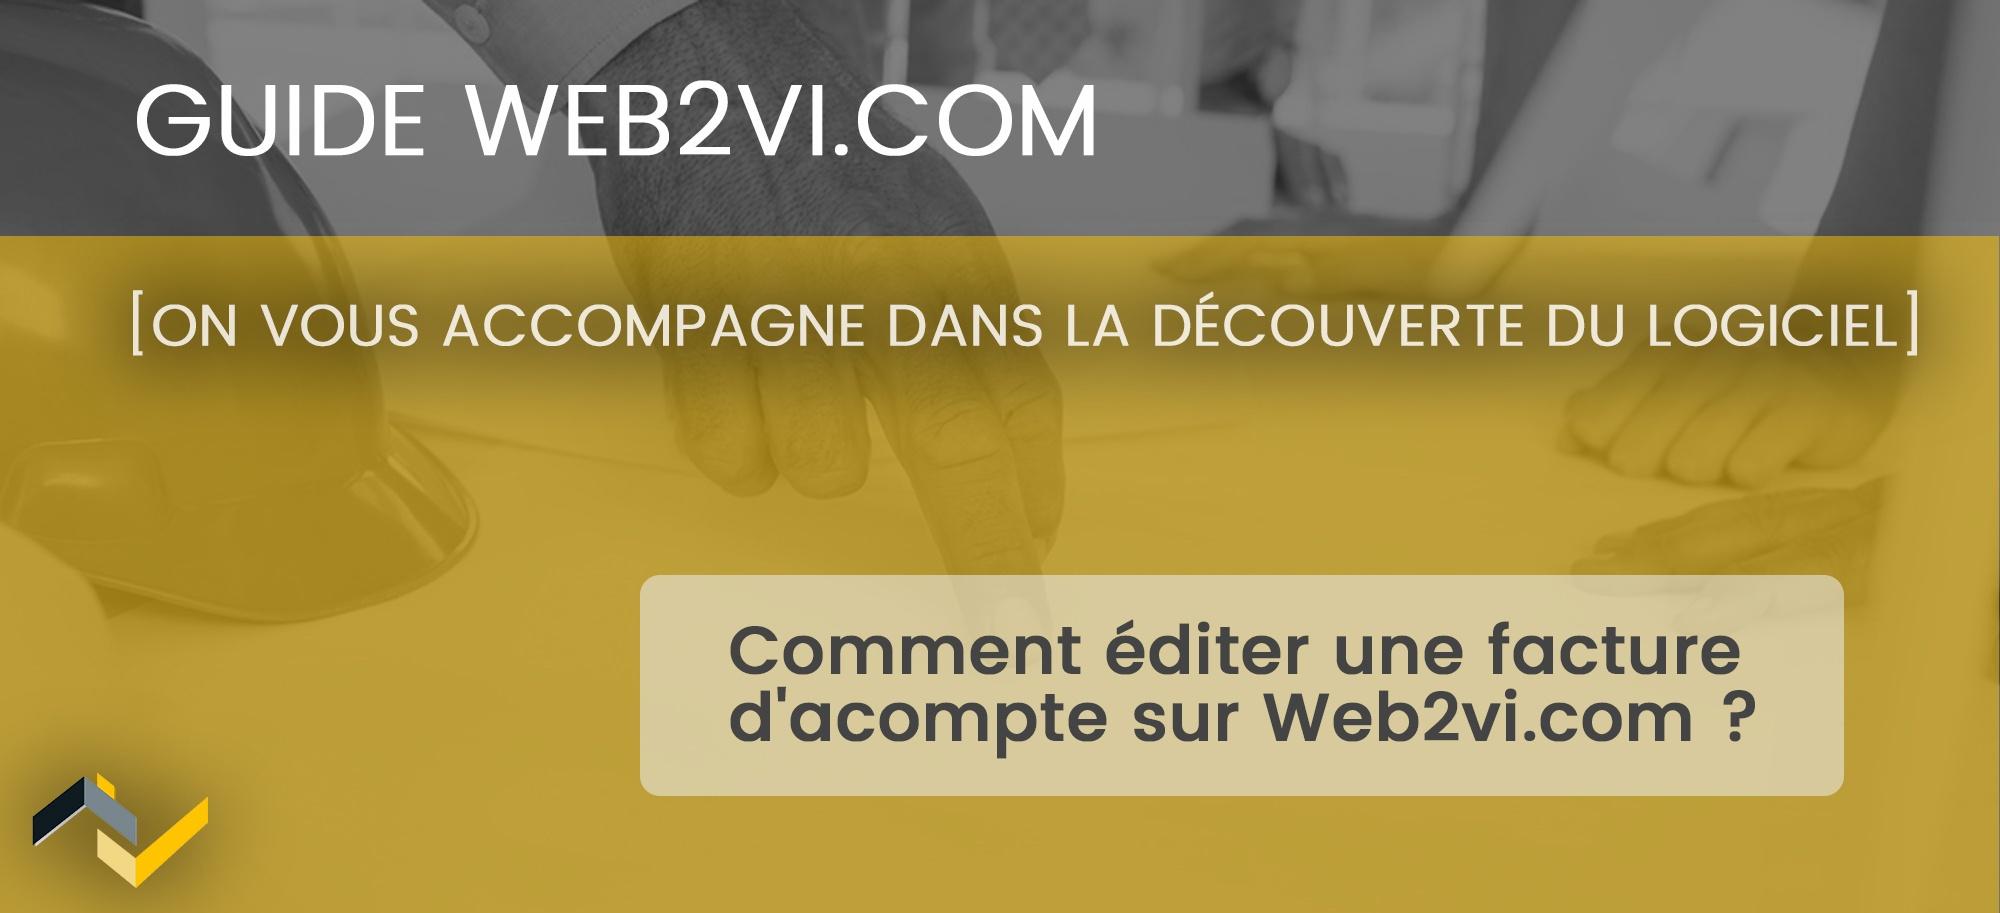 Comment éditer une facture d'acompte sur Web2vi.com ?